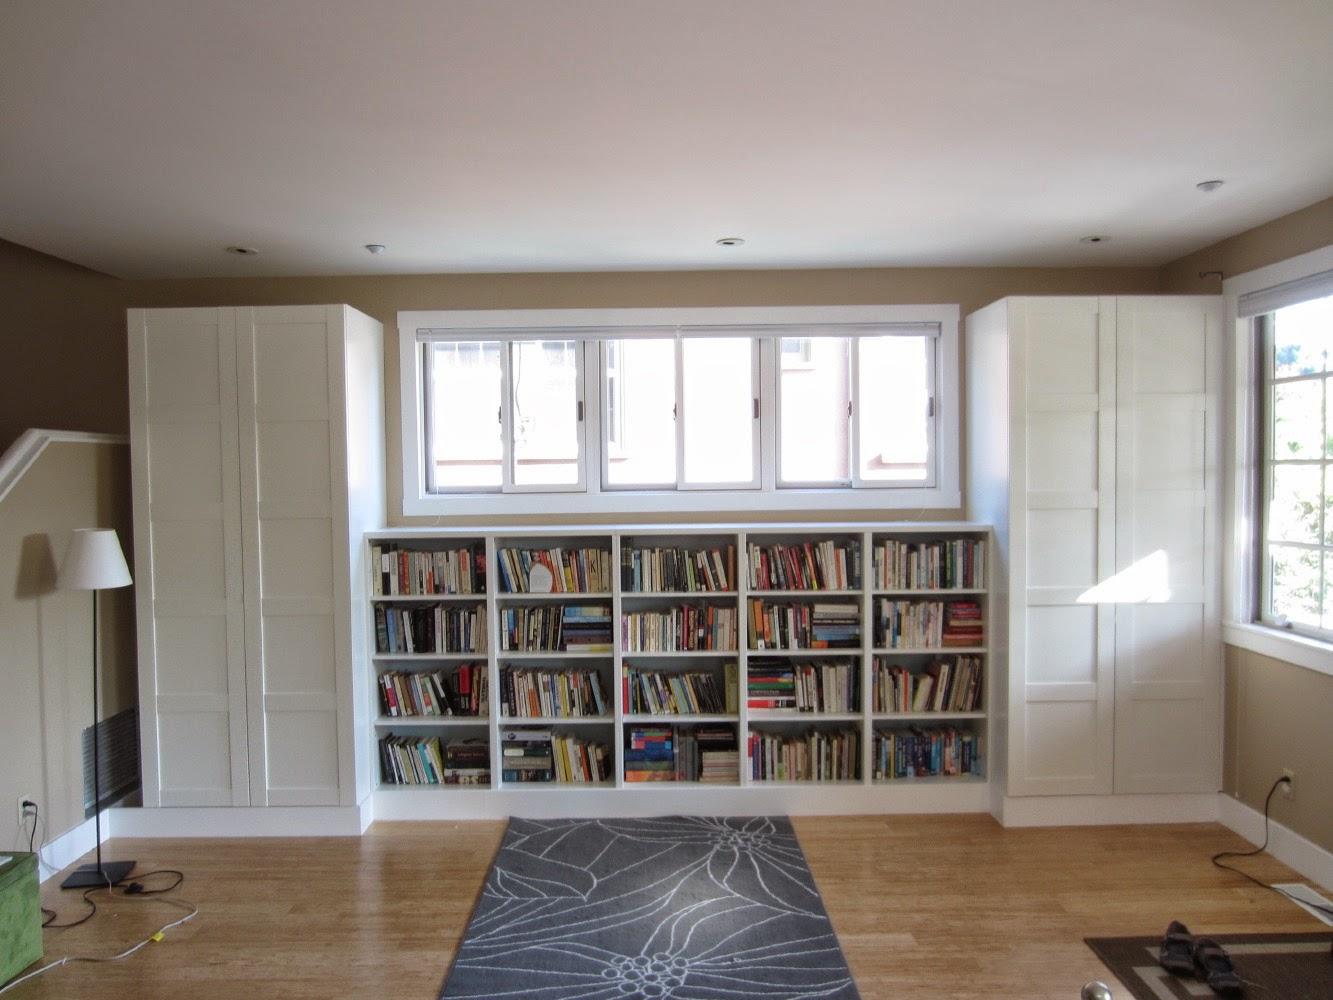 Besta Built In Family Room Bookshelf And Tv Unit